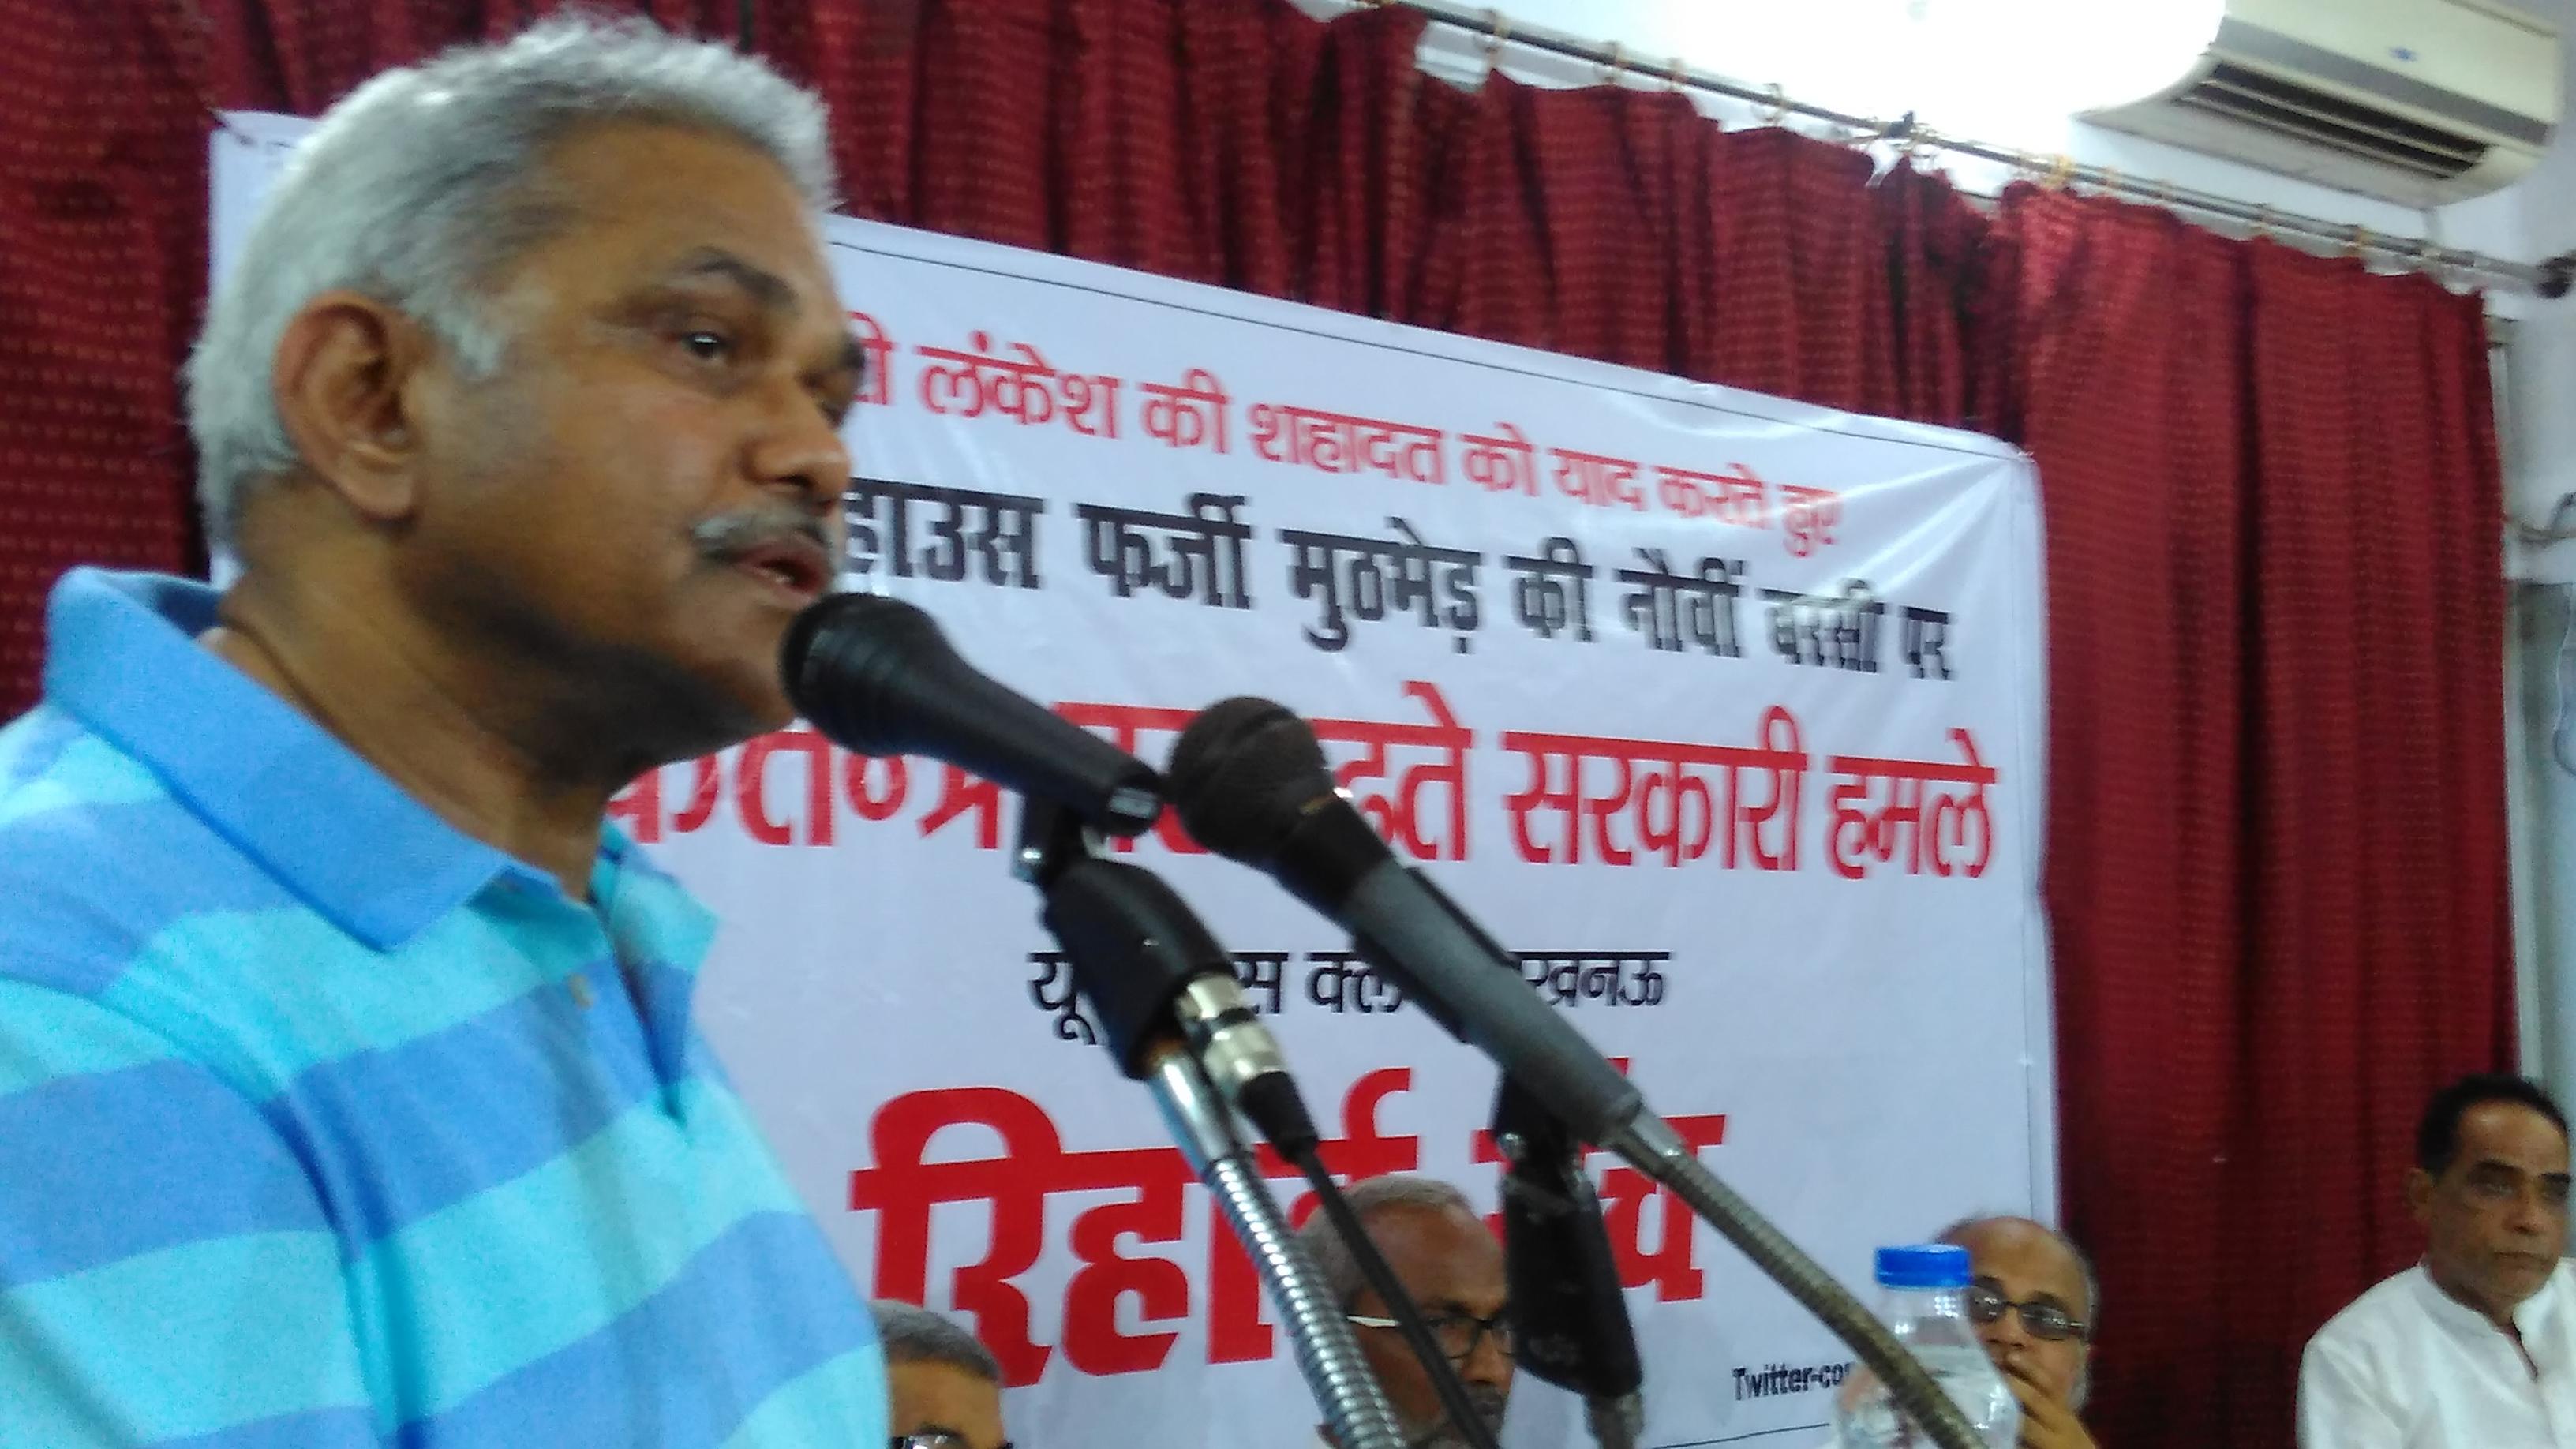 योगी आदित्यनाथ भी गुरमीत राम रहीम की तरह न्याय की गड्डी चढ़ेंगे ! पूर्व आईपीएसविकास नारायण राय